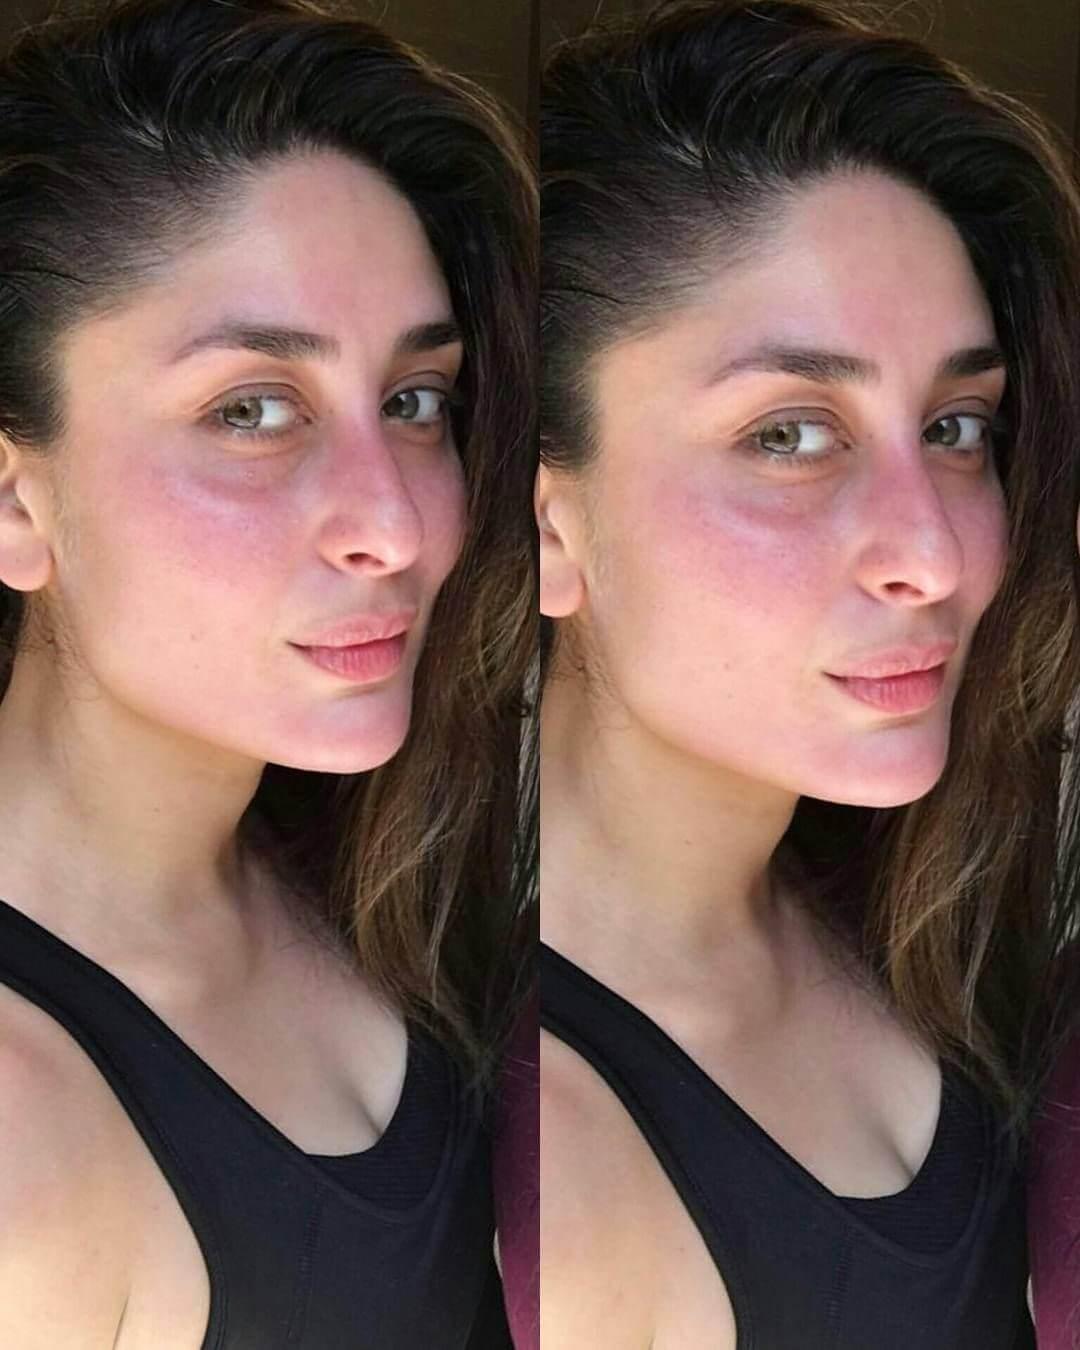 Top 10 Bollywood Actress Without Makeup Kareena Kapoor In Black